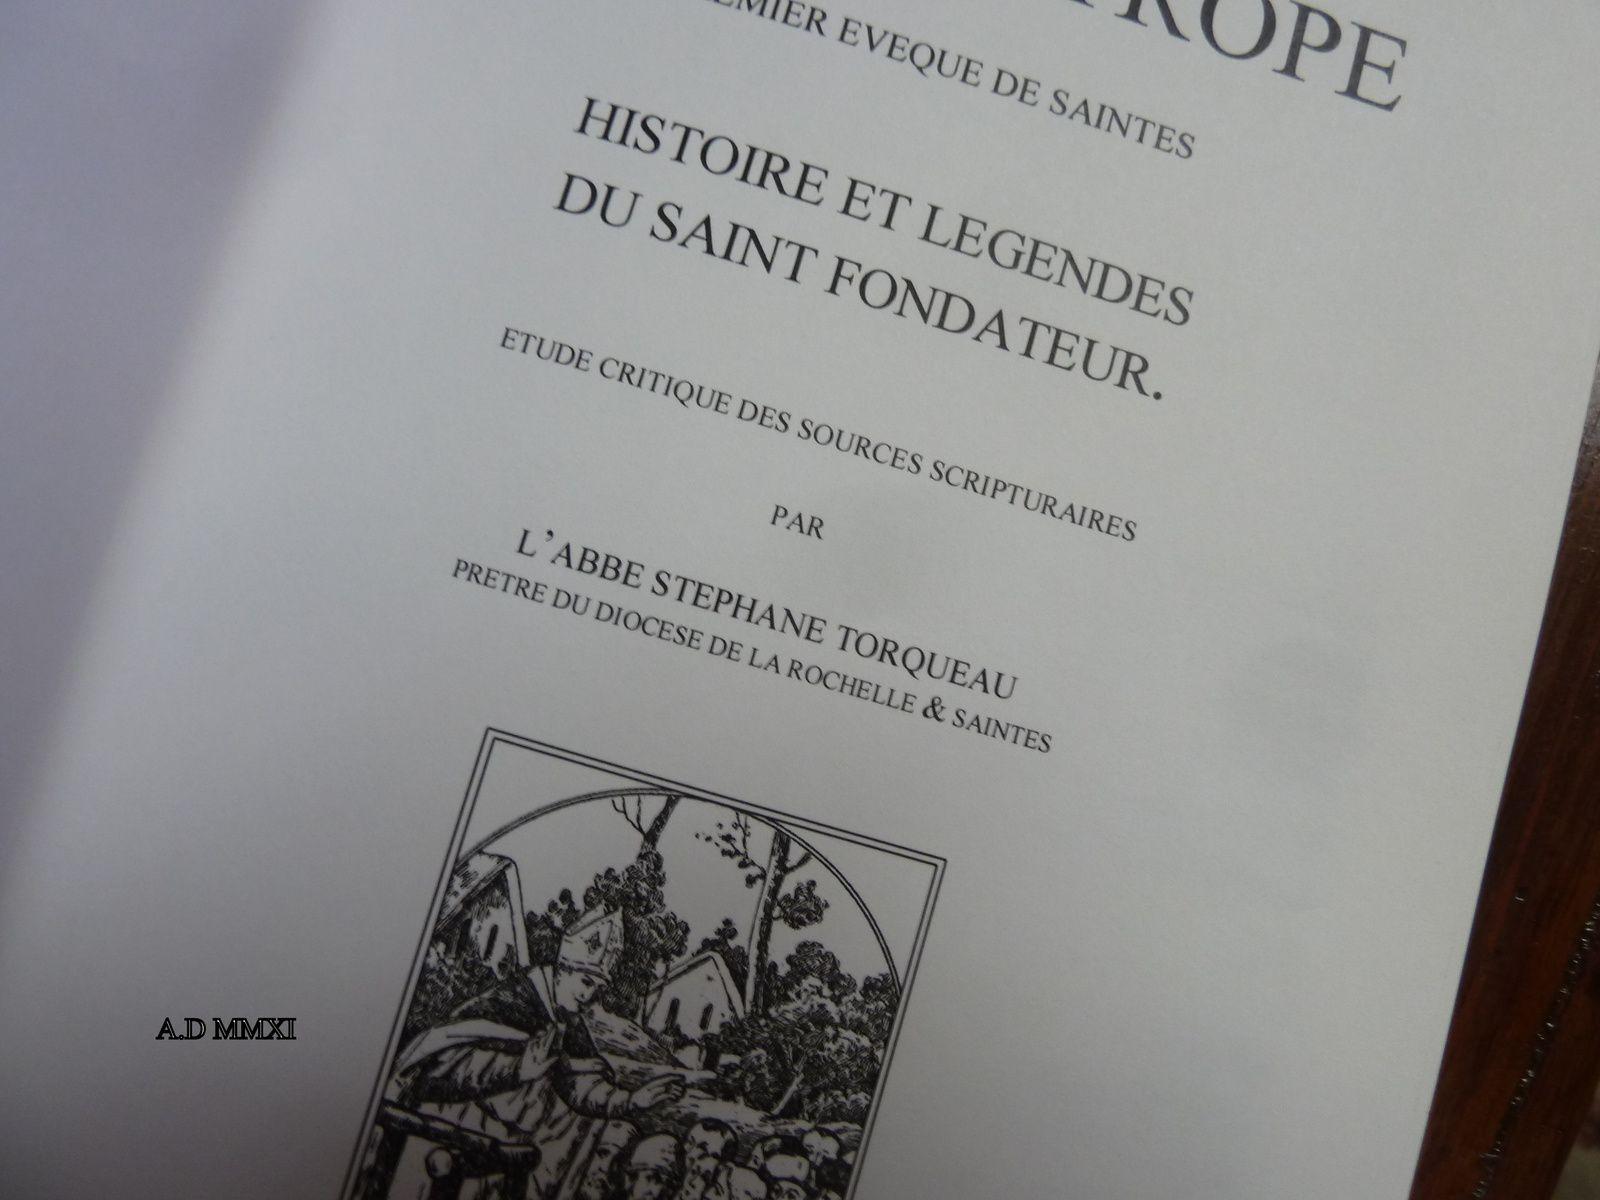 Eutrope... autre histoire autre temps..... Ce premier évêque de Saintes fut très mal vu par les politiques de Saintes, enfin de Médiolanum Santonum, voici... environ 1800 ans.